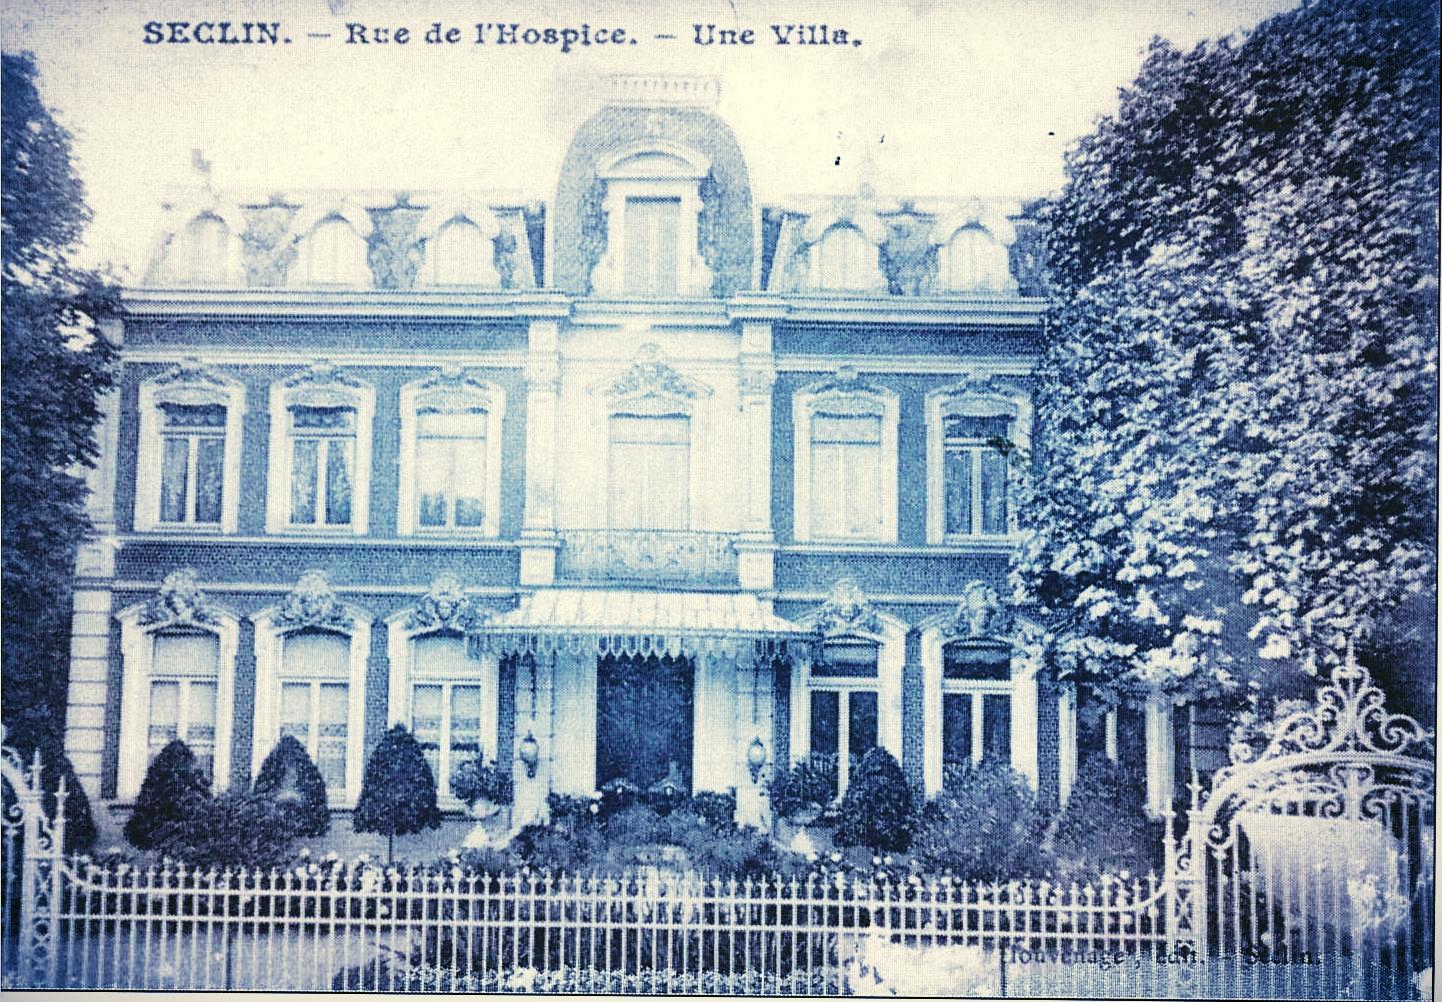 Le 1er château Guillemaud, oeuvre de l'architecte A. Leclercq, beau-frère de Claude Guillemaud Aîné... seules les grilles subsistent mais elles ont déménagé dans le parc de l'Hôtel de Ville